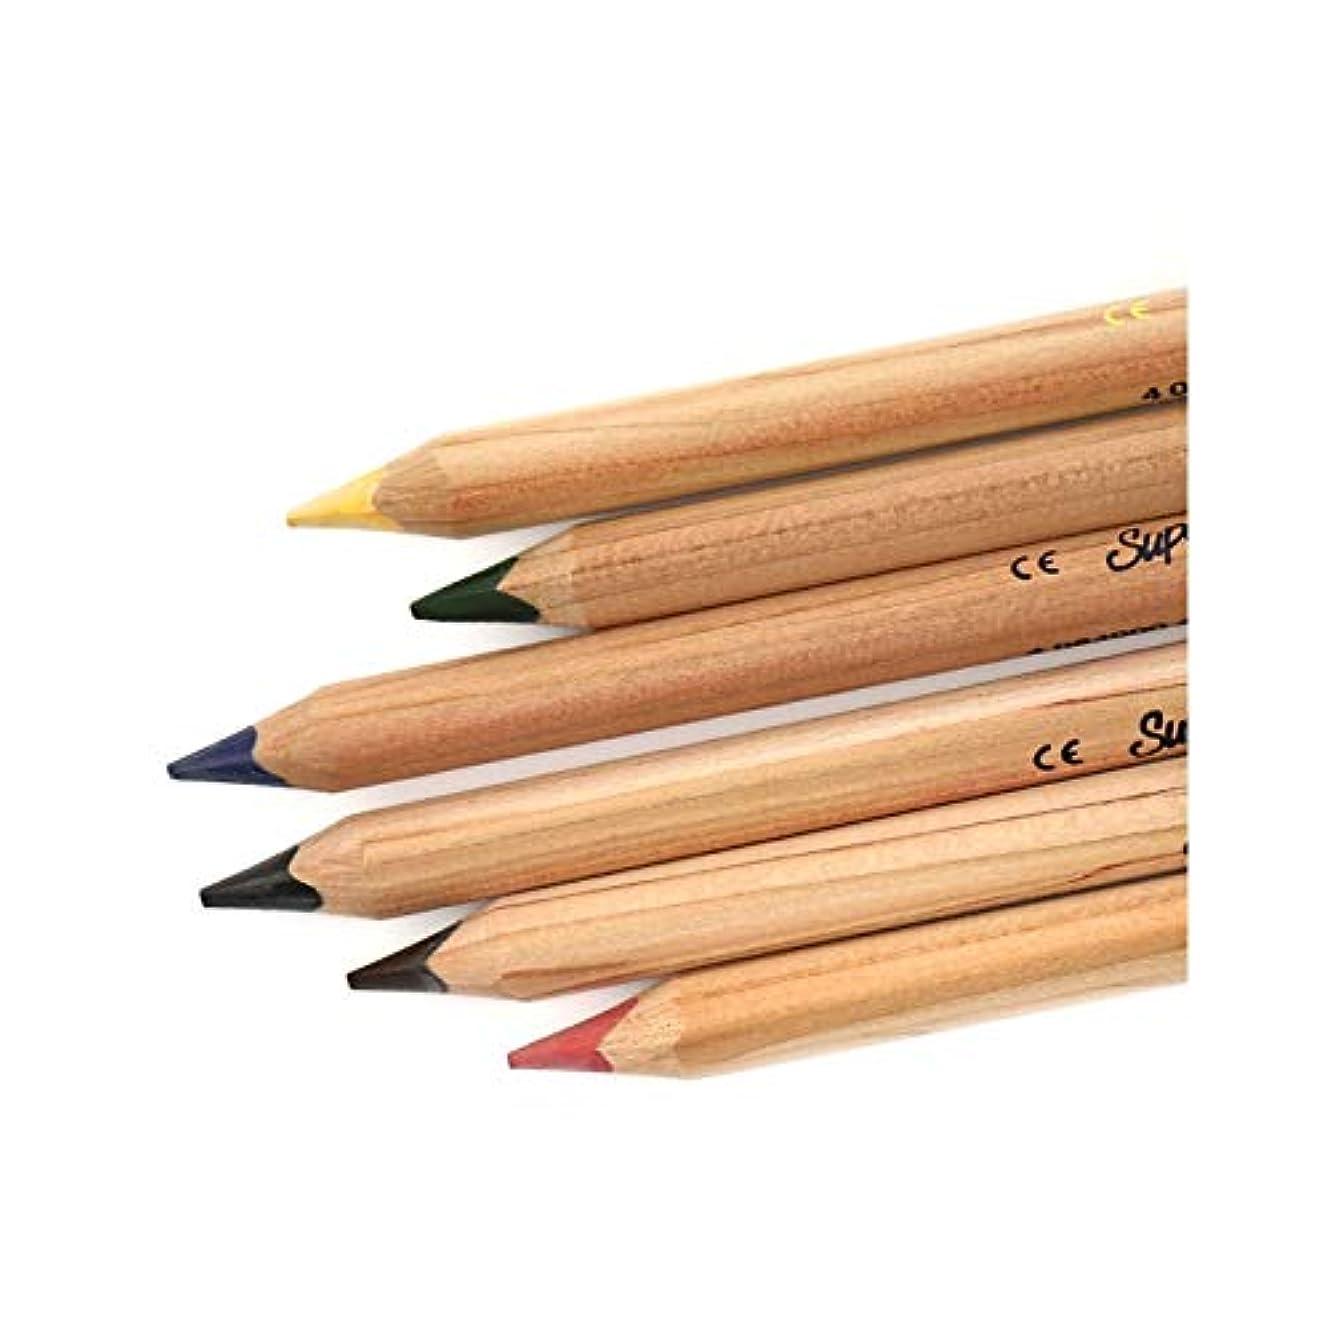 粒中に名目上のJinnuotong ペイントブラシ、6色の太い太い棒3ティーチングポールカラーリード、着色の強い色の塗装木製色ブラシセット(6色、18 * 1 cm) 執筆および絵画は滑らかです (Color : Brown, Size : 18*1cm)